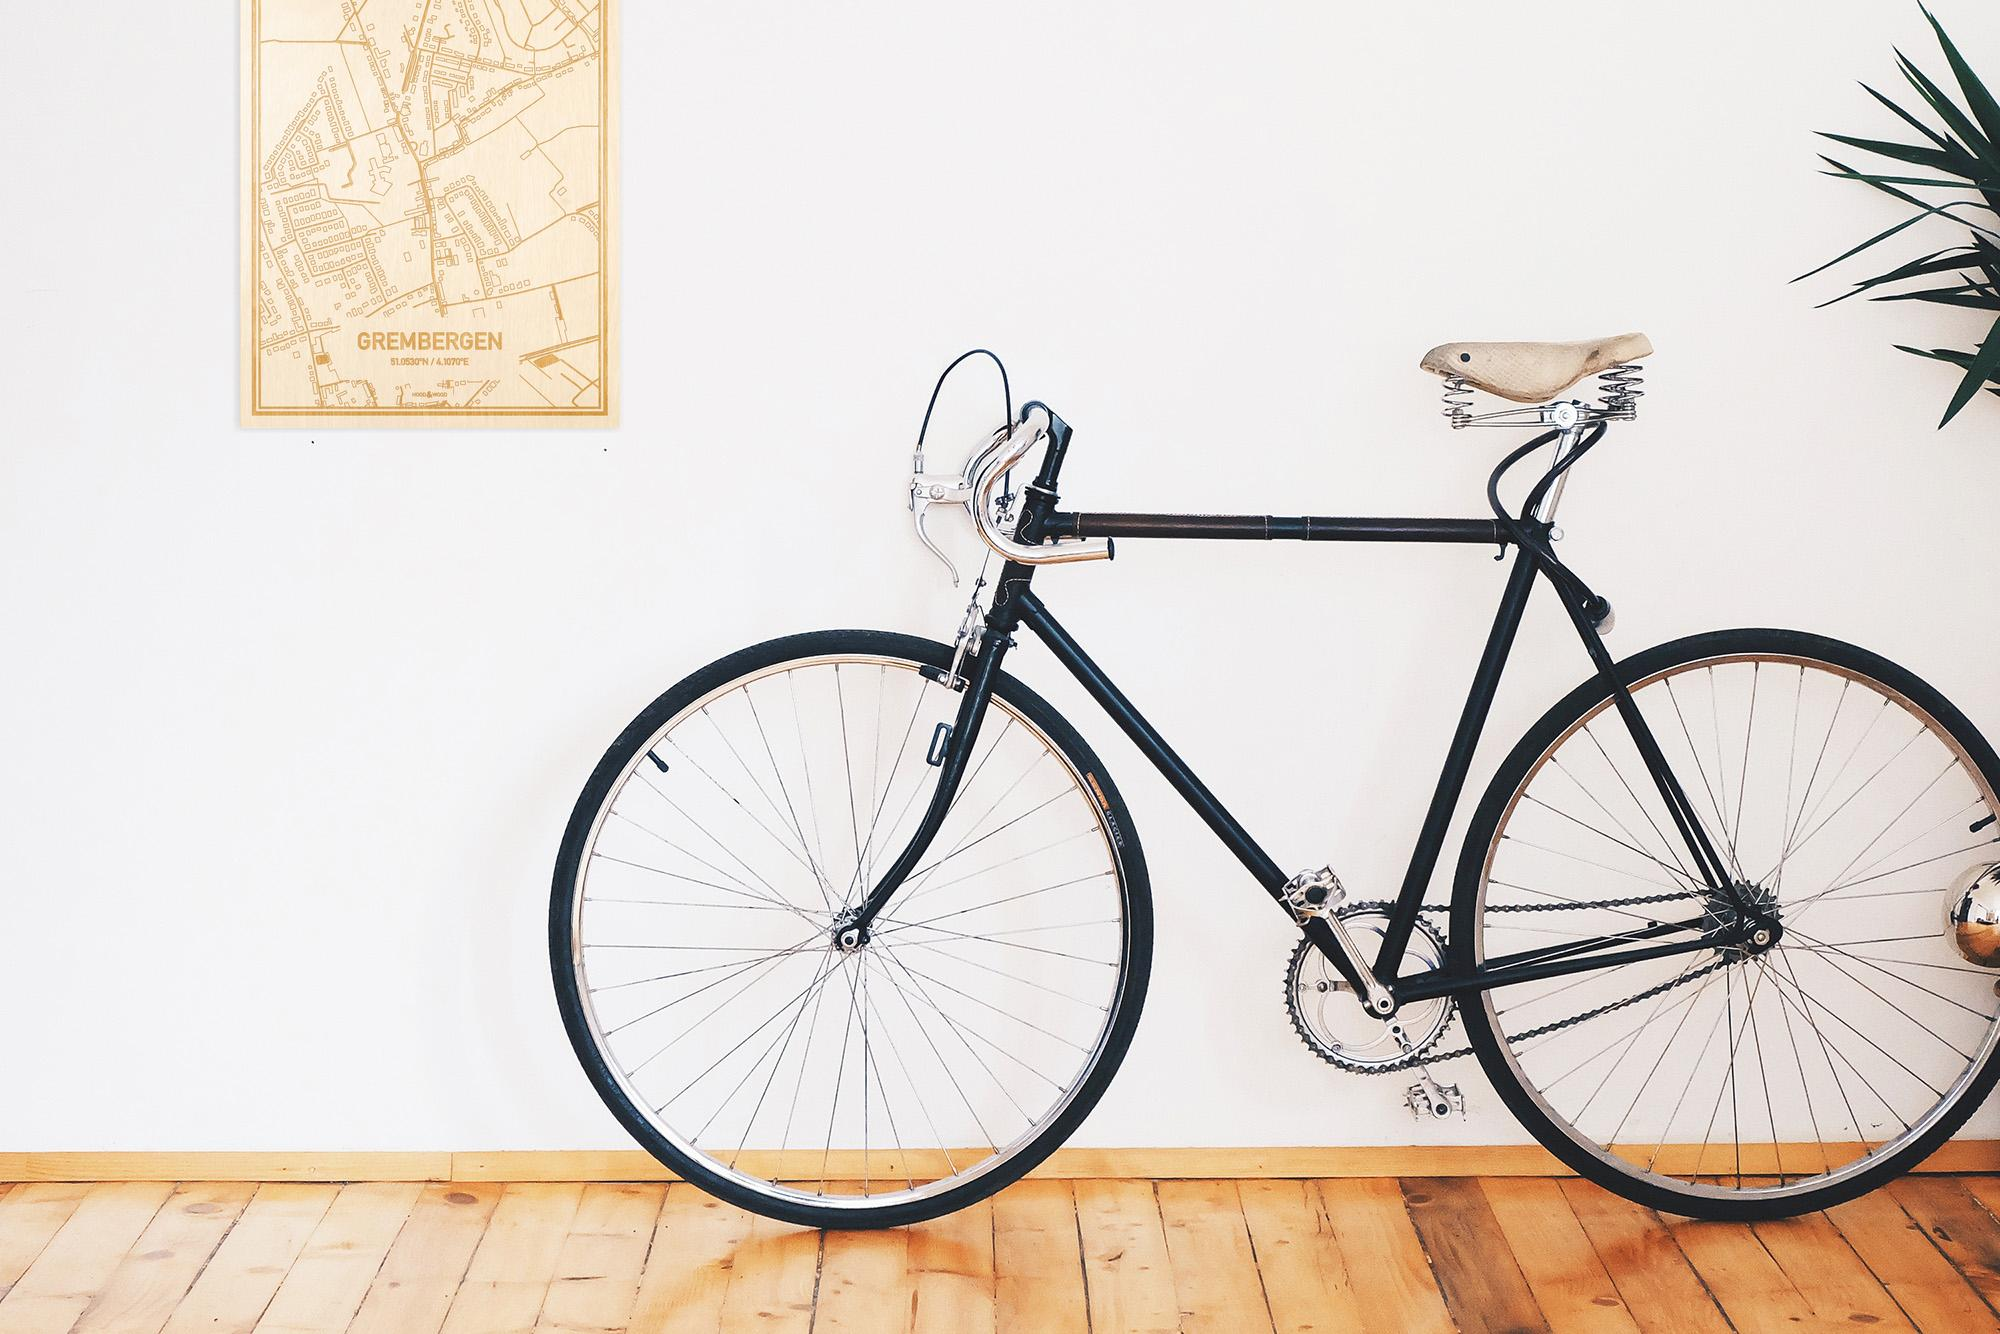 Een snelle fiets in een uniek interieur in Oost-Vlaanderen  met mooie decoratie zoals de plattegrond Grembergen.